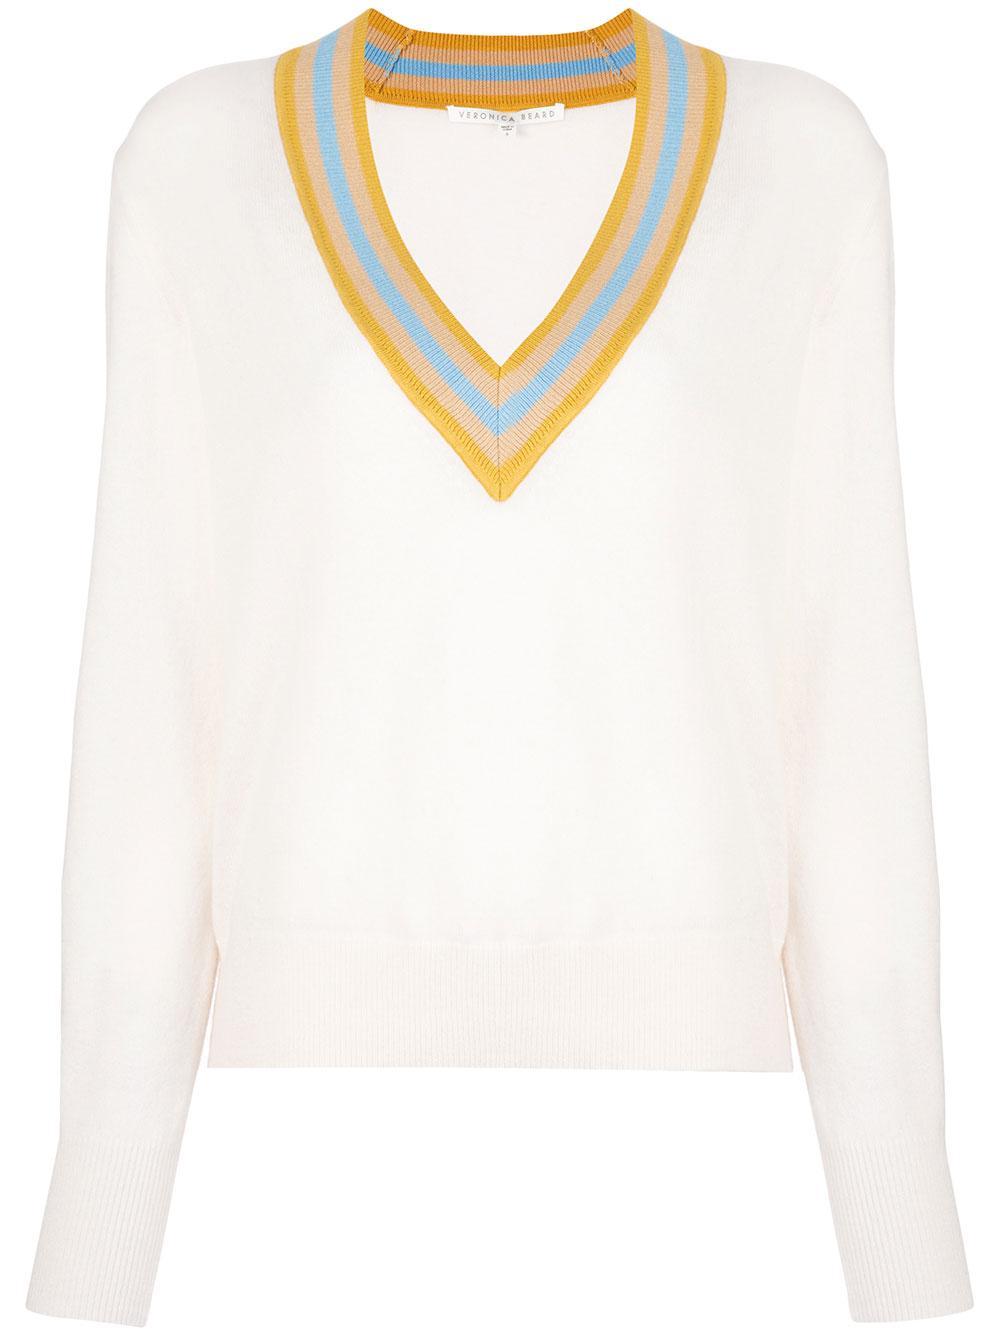 Jessel Long Sleeve V-Neck Sweater